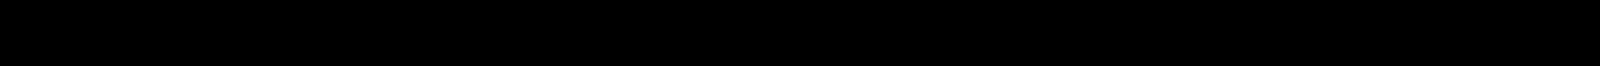 Формула горения продукта